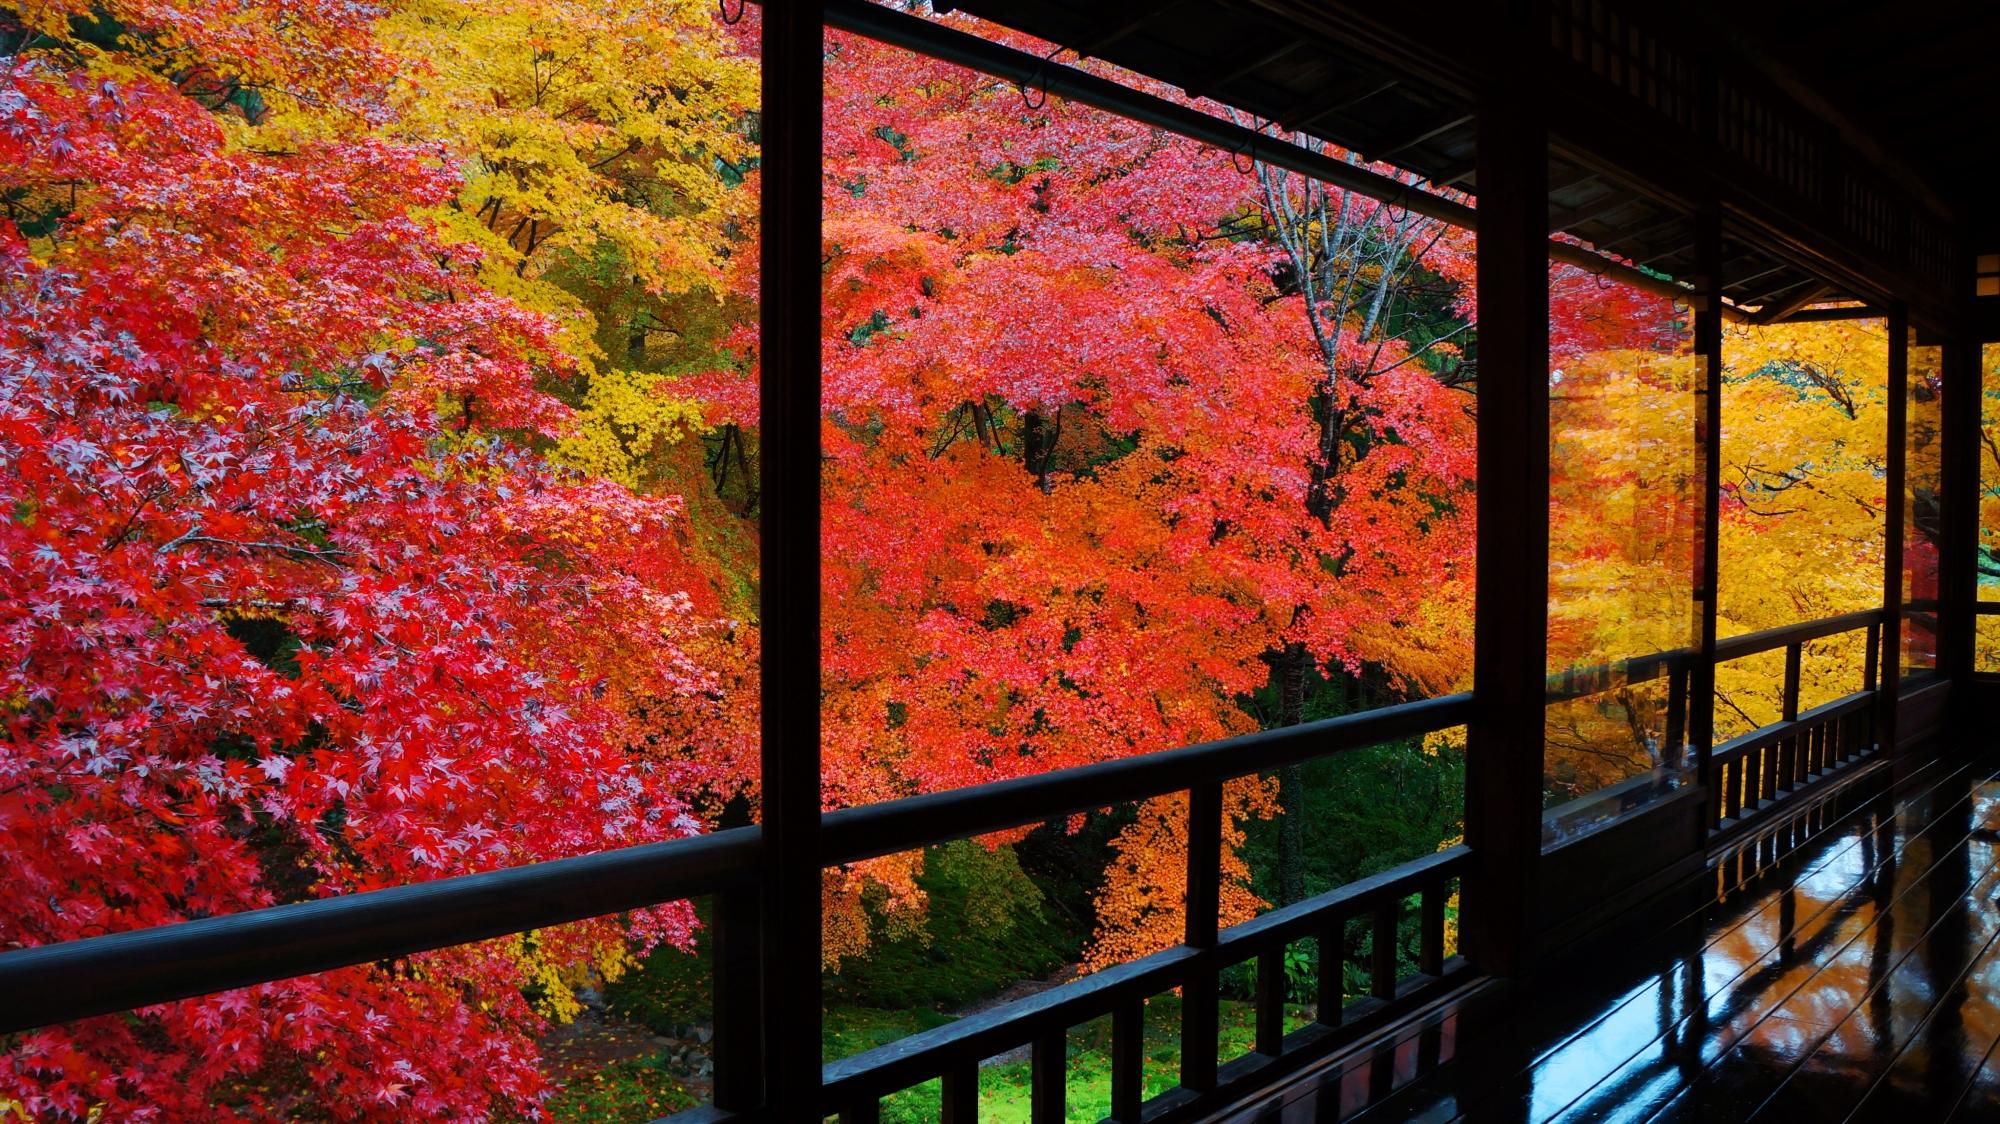 瑠璃光院の書院二階の窓に溢れる紅葉